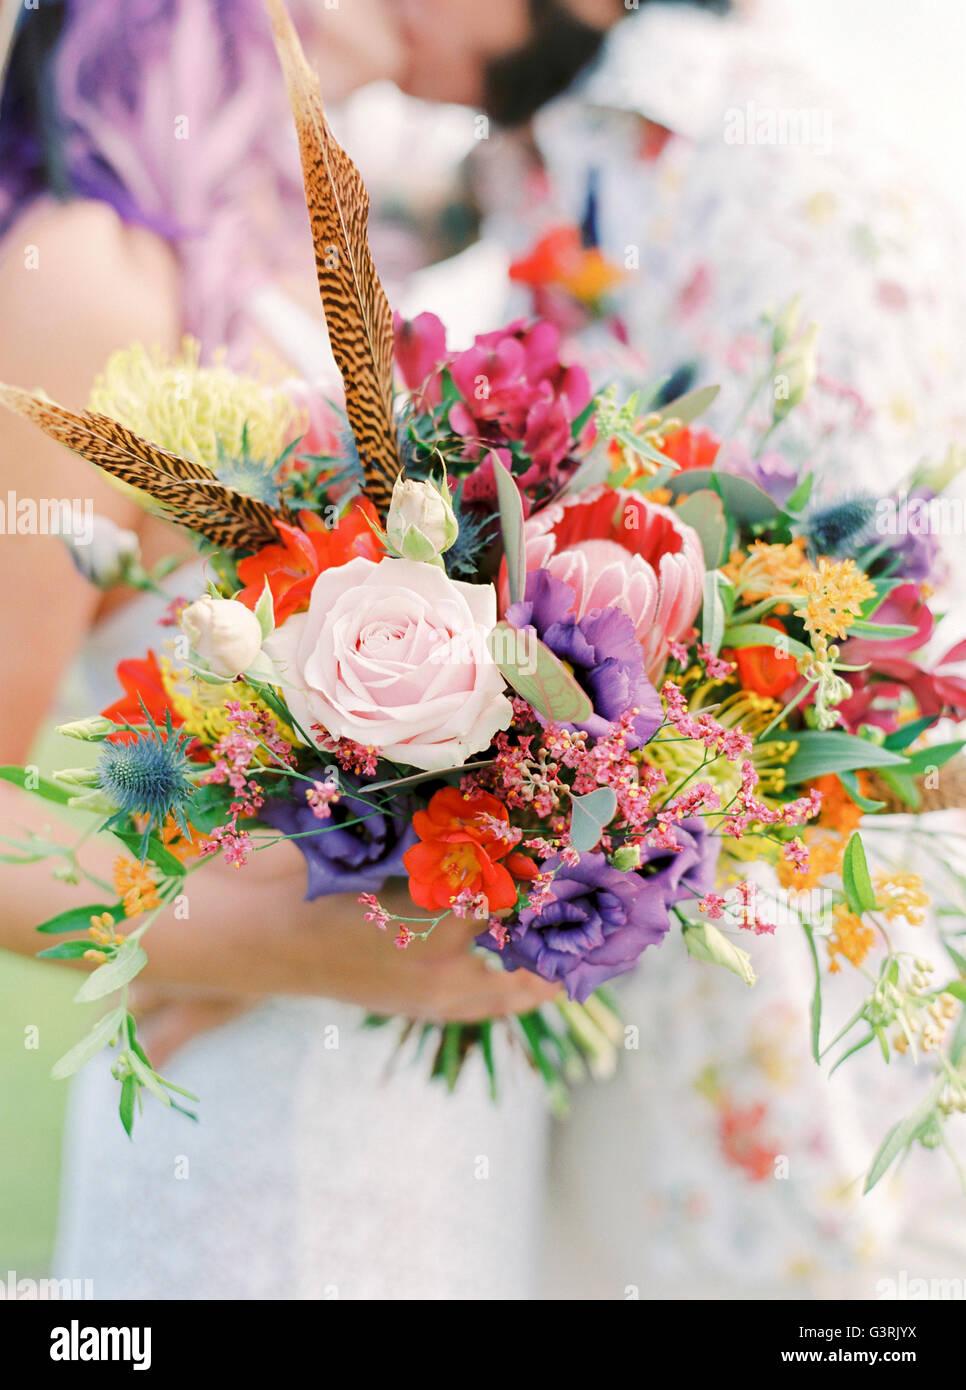 La Suède, près de mariage hippie au bouquet Banque D'Images